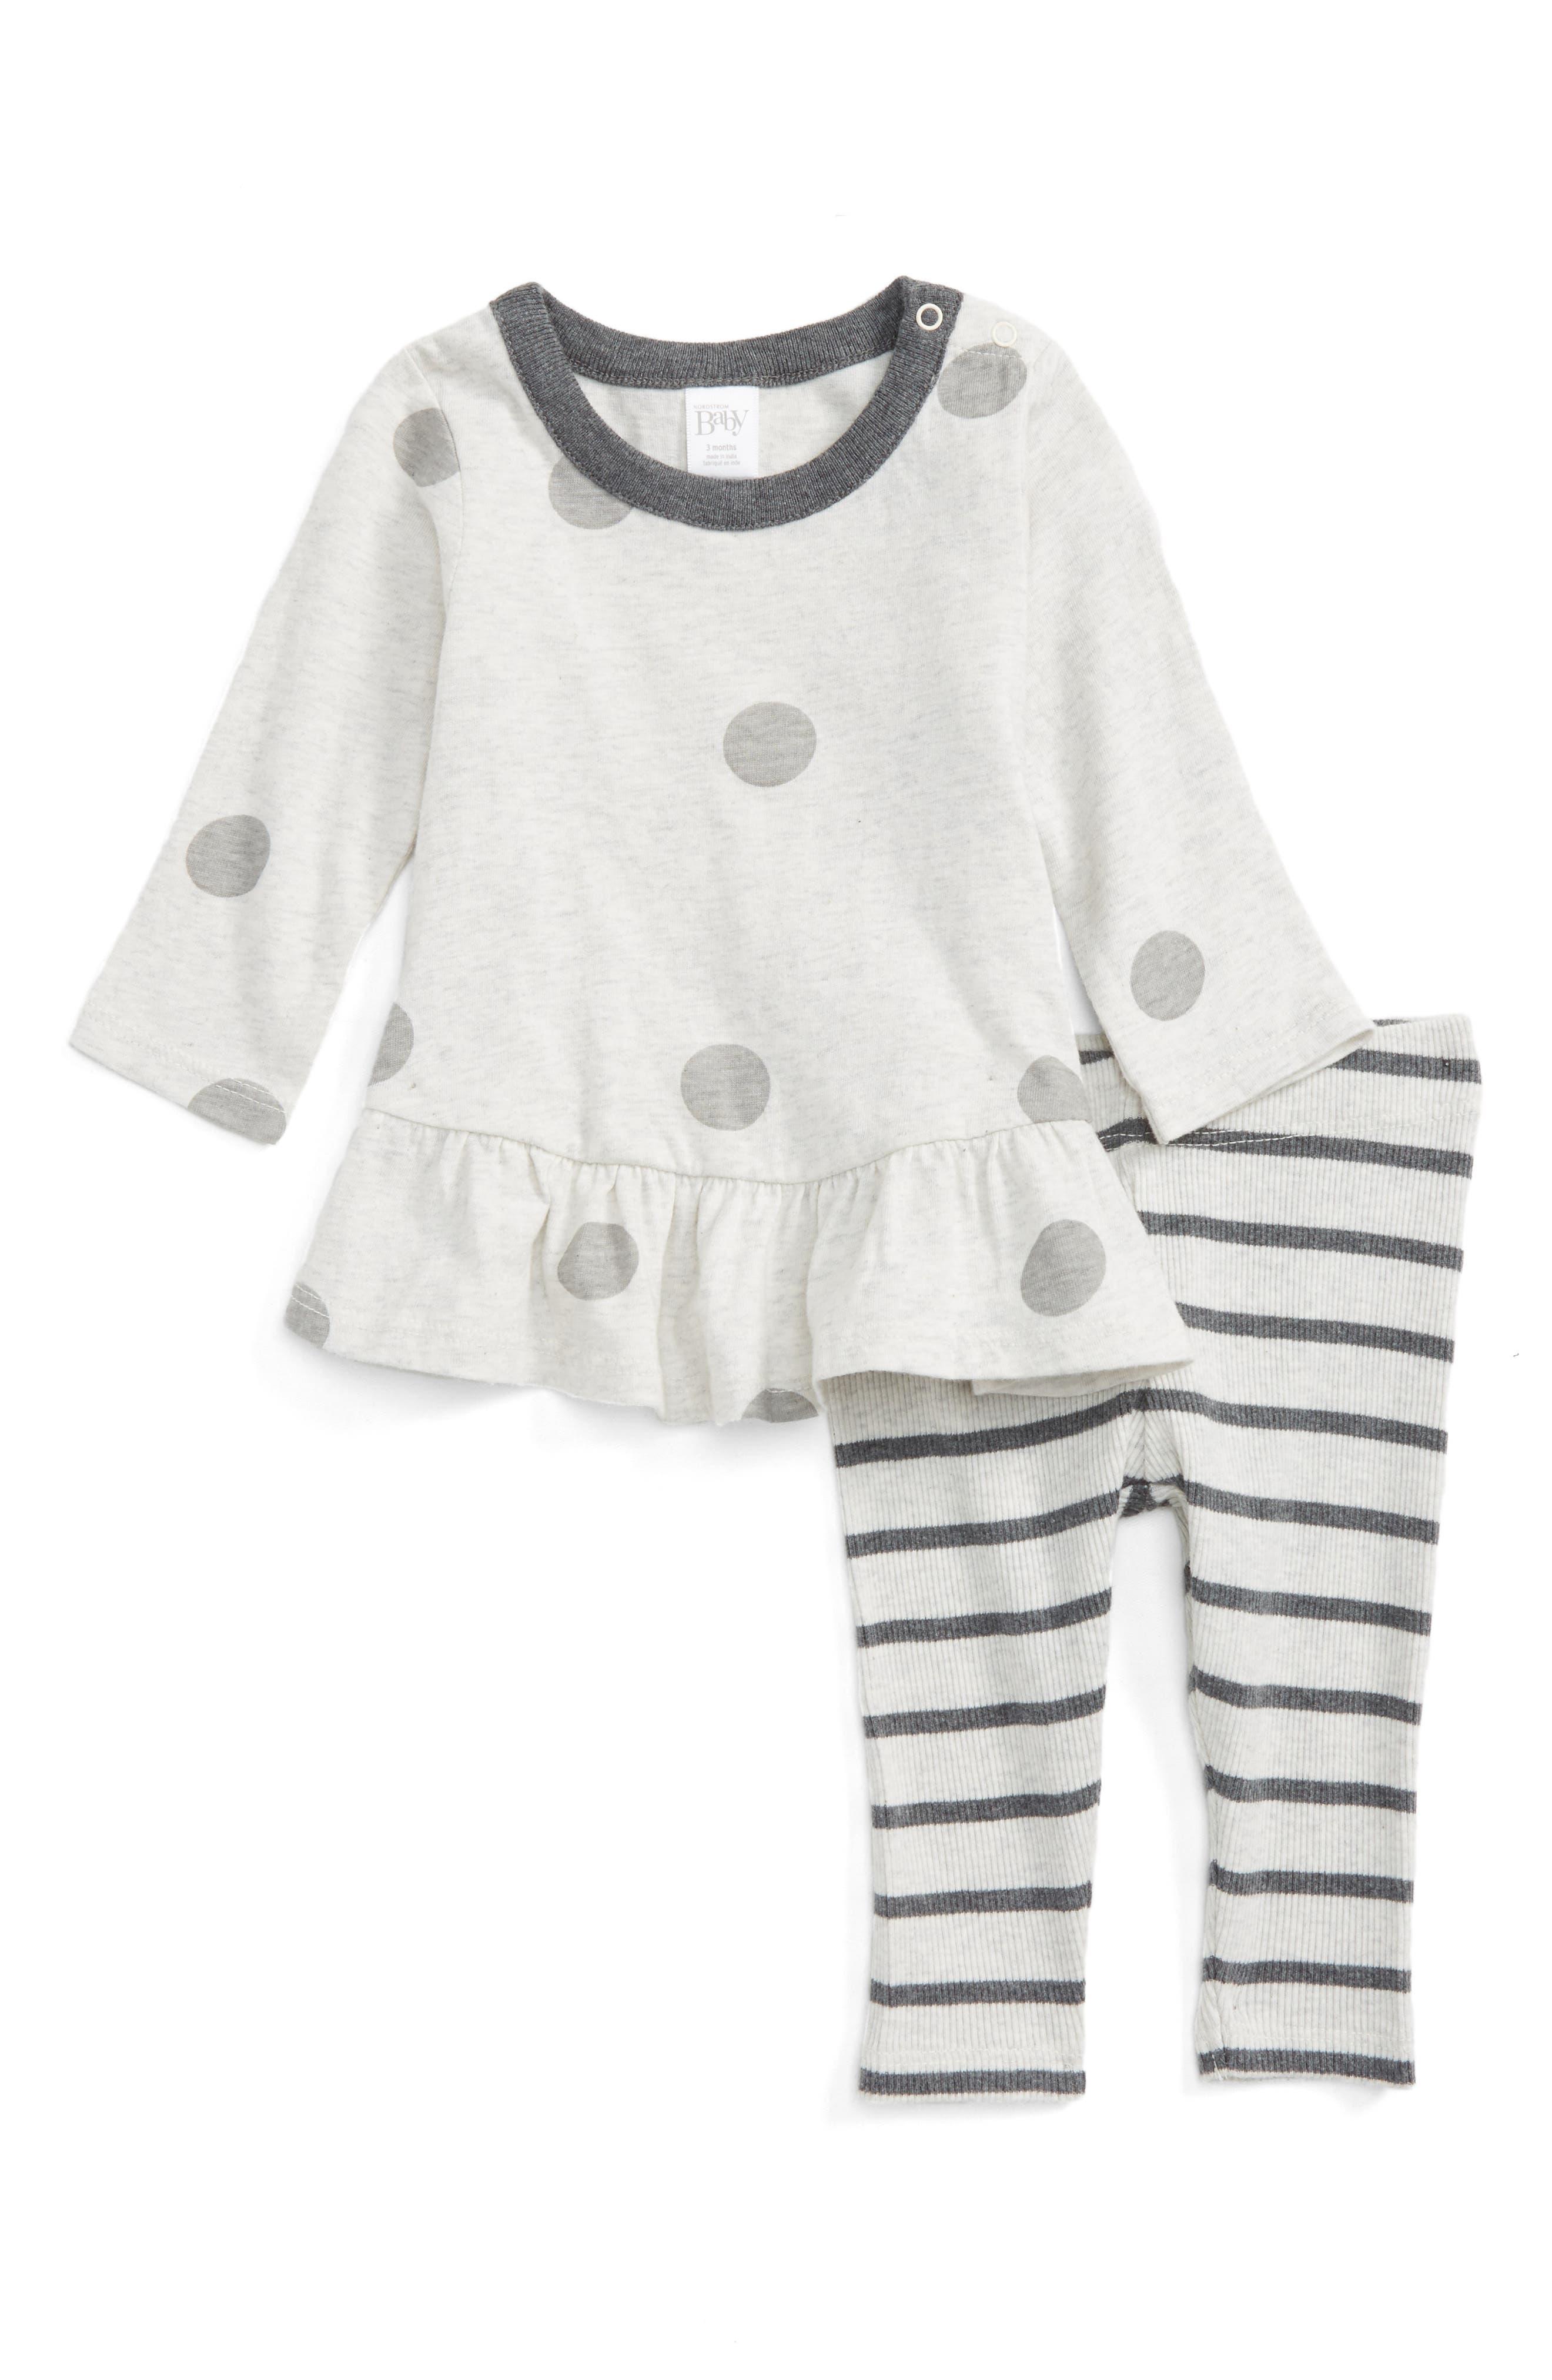 Alternate Image 1 Selected - Nordstrom Baby Polka Dot Peplum Tunic & Stripe Leggings Set (Baby Girls)